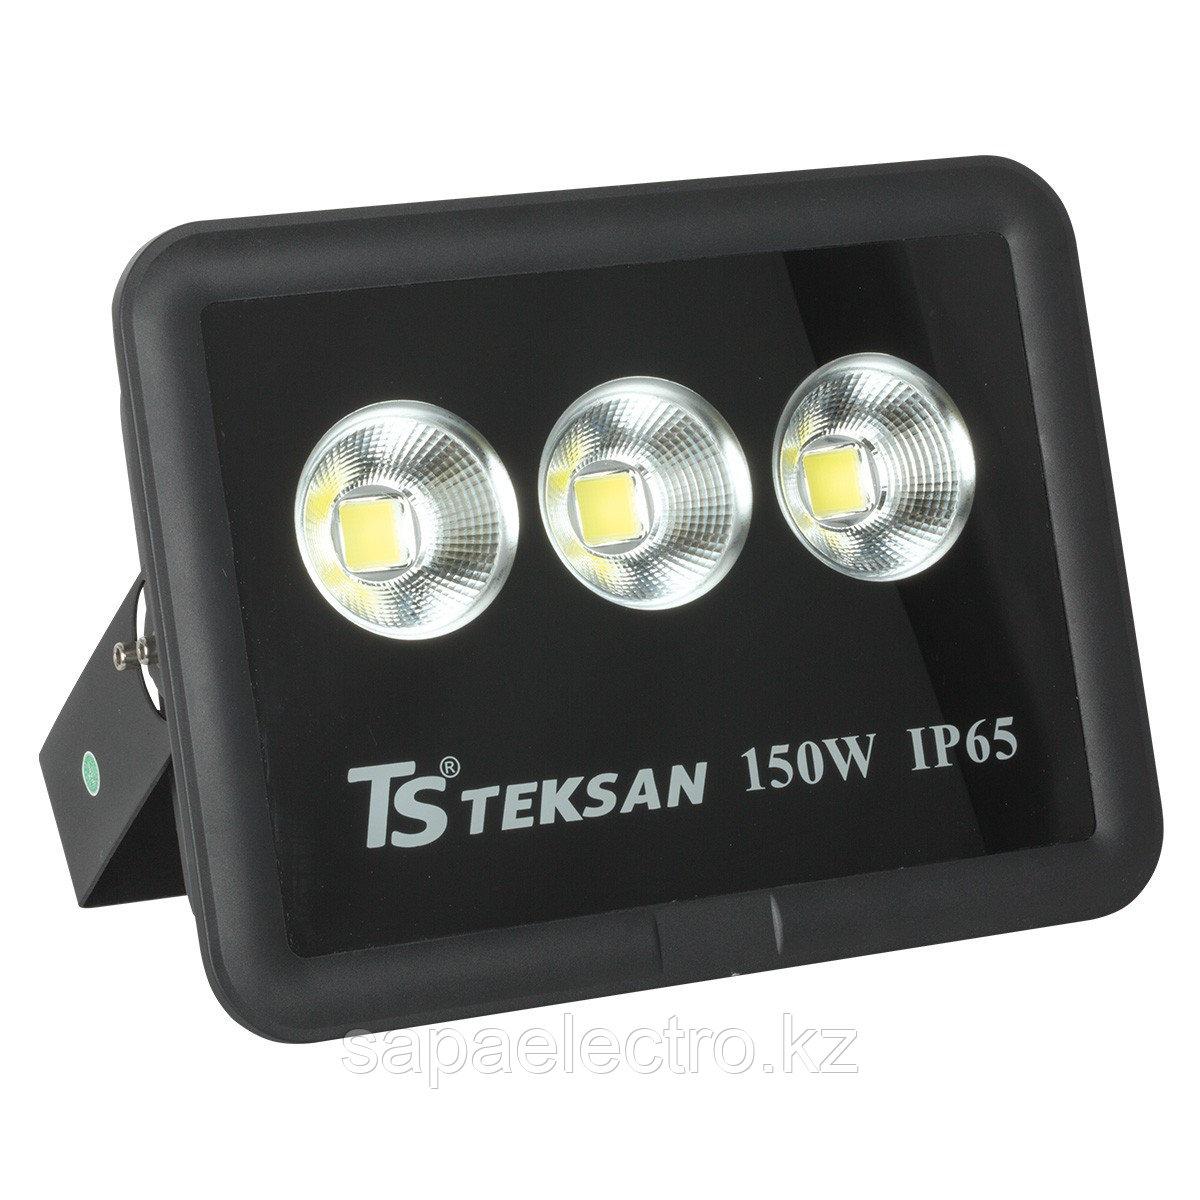 Прожектор LED TS006 150W 6000K (TS)1шт